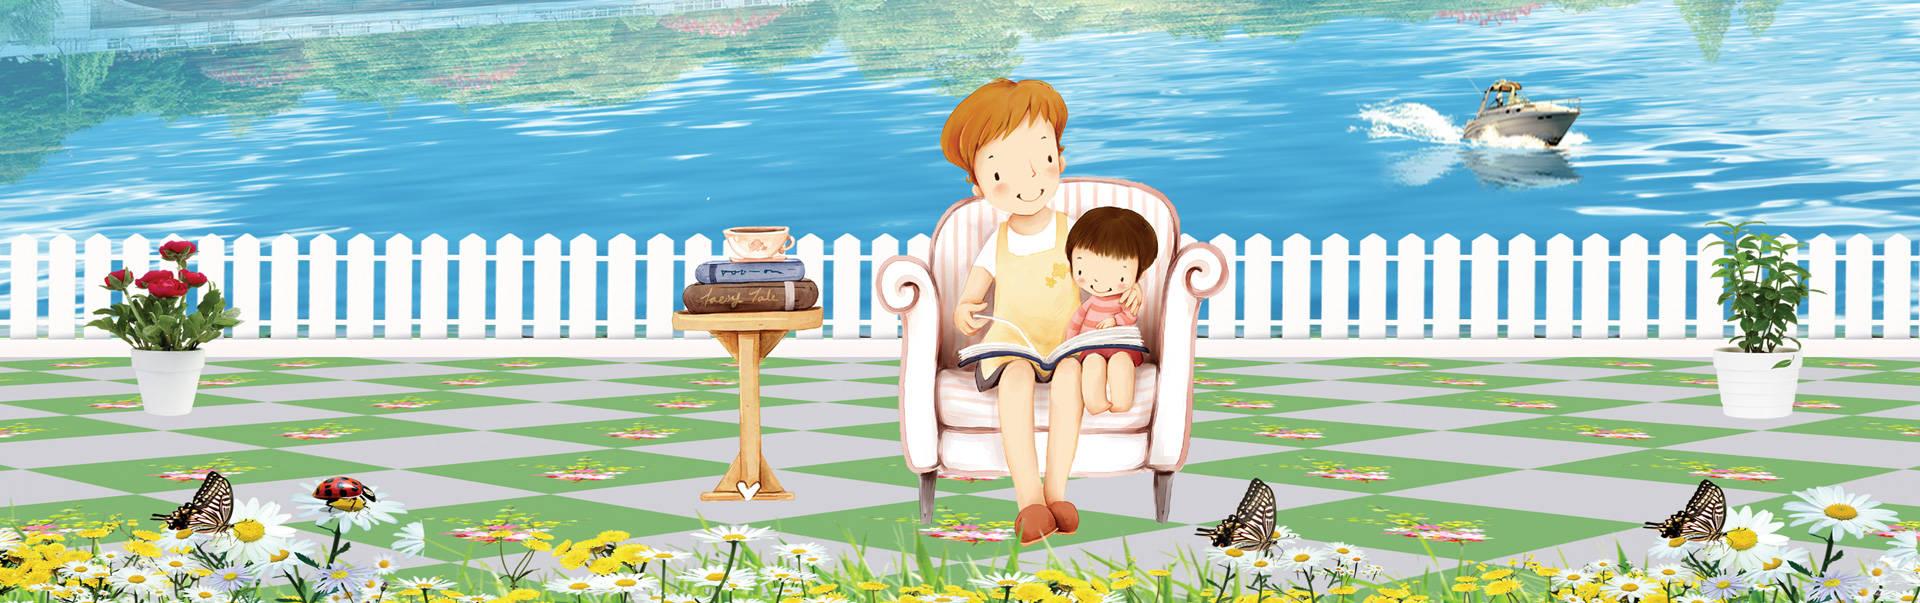 关于自闭症,你最想知道的问题集锦(七)建议收藏